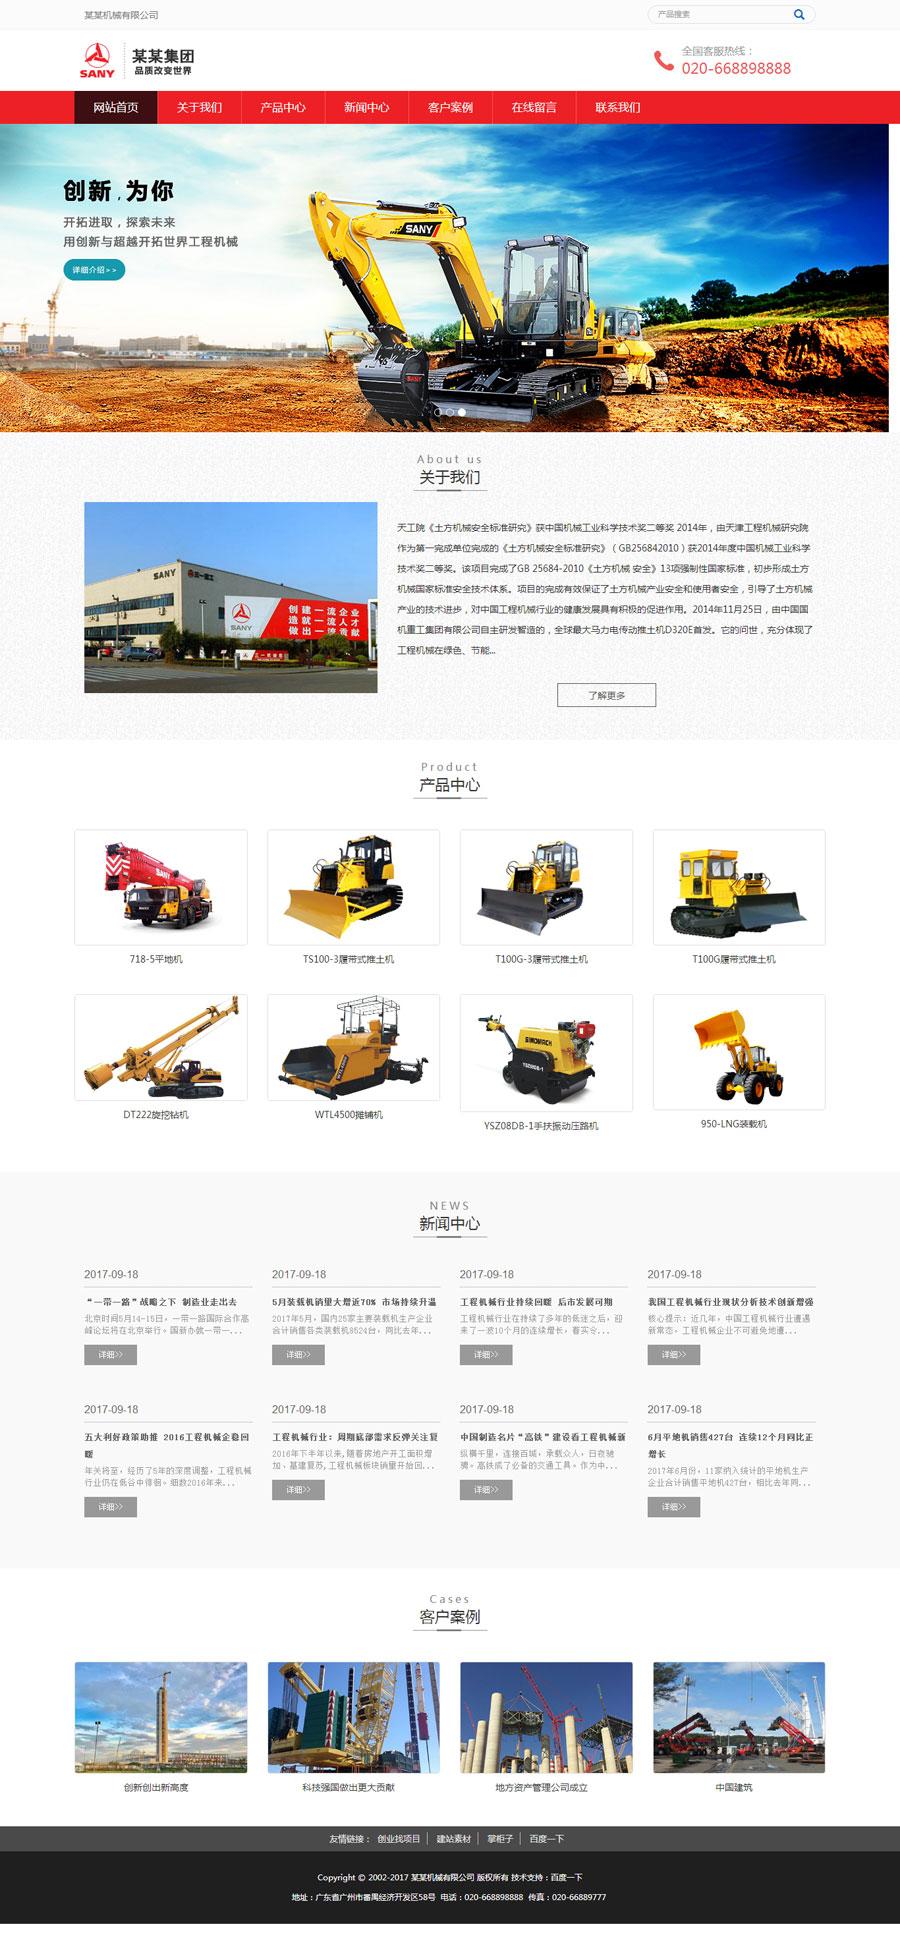 响应式(自适应手机端)工程机械挖土机设备营销型网站